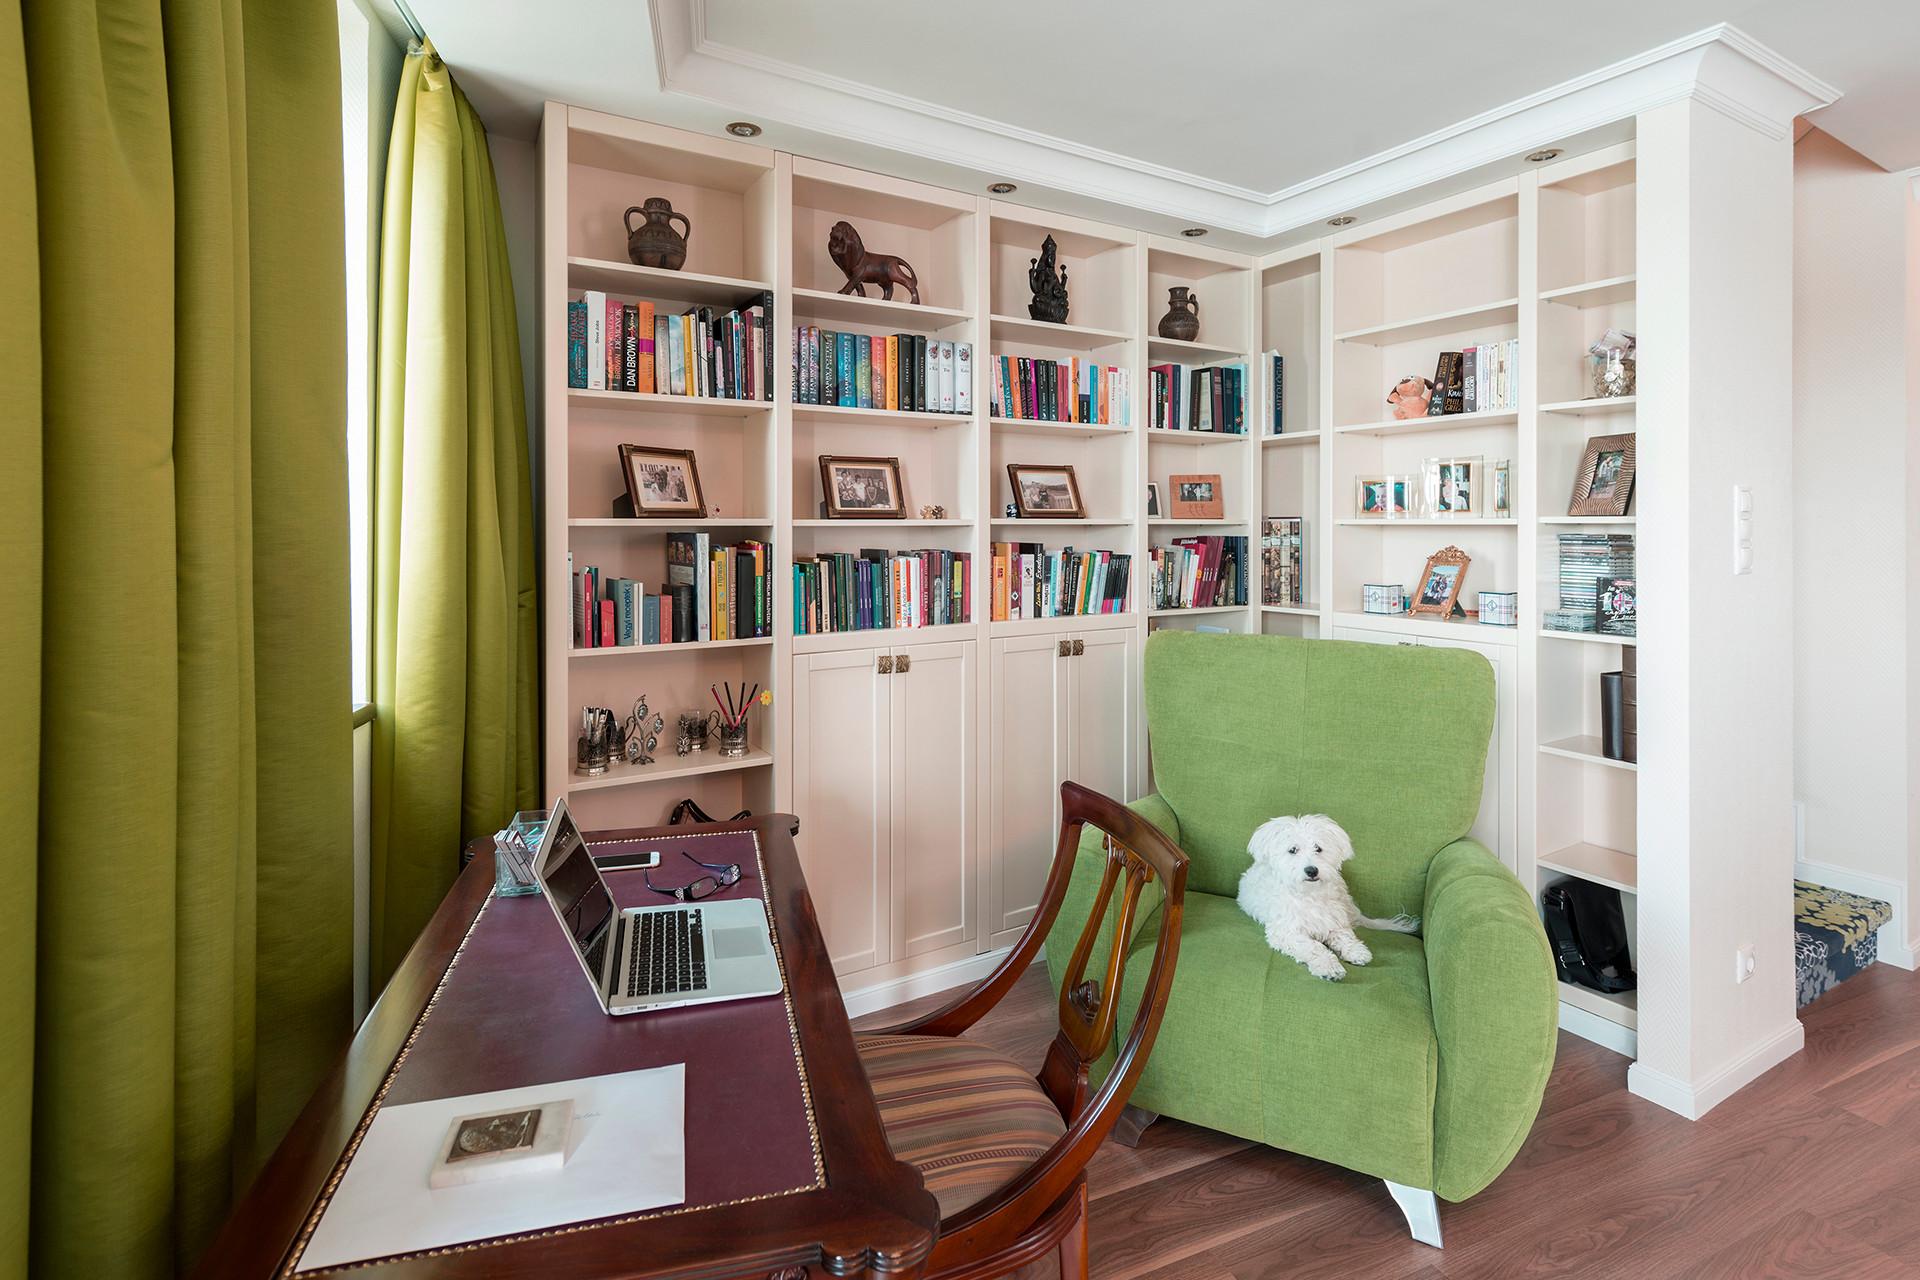 duna interior flat living 02.jpg